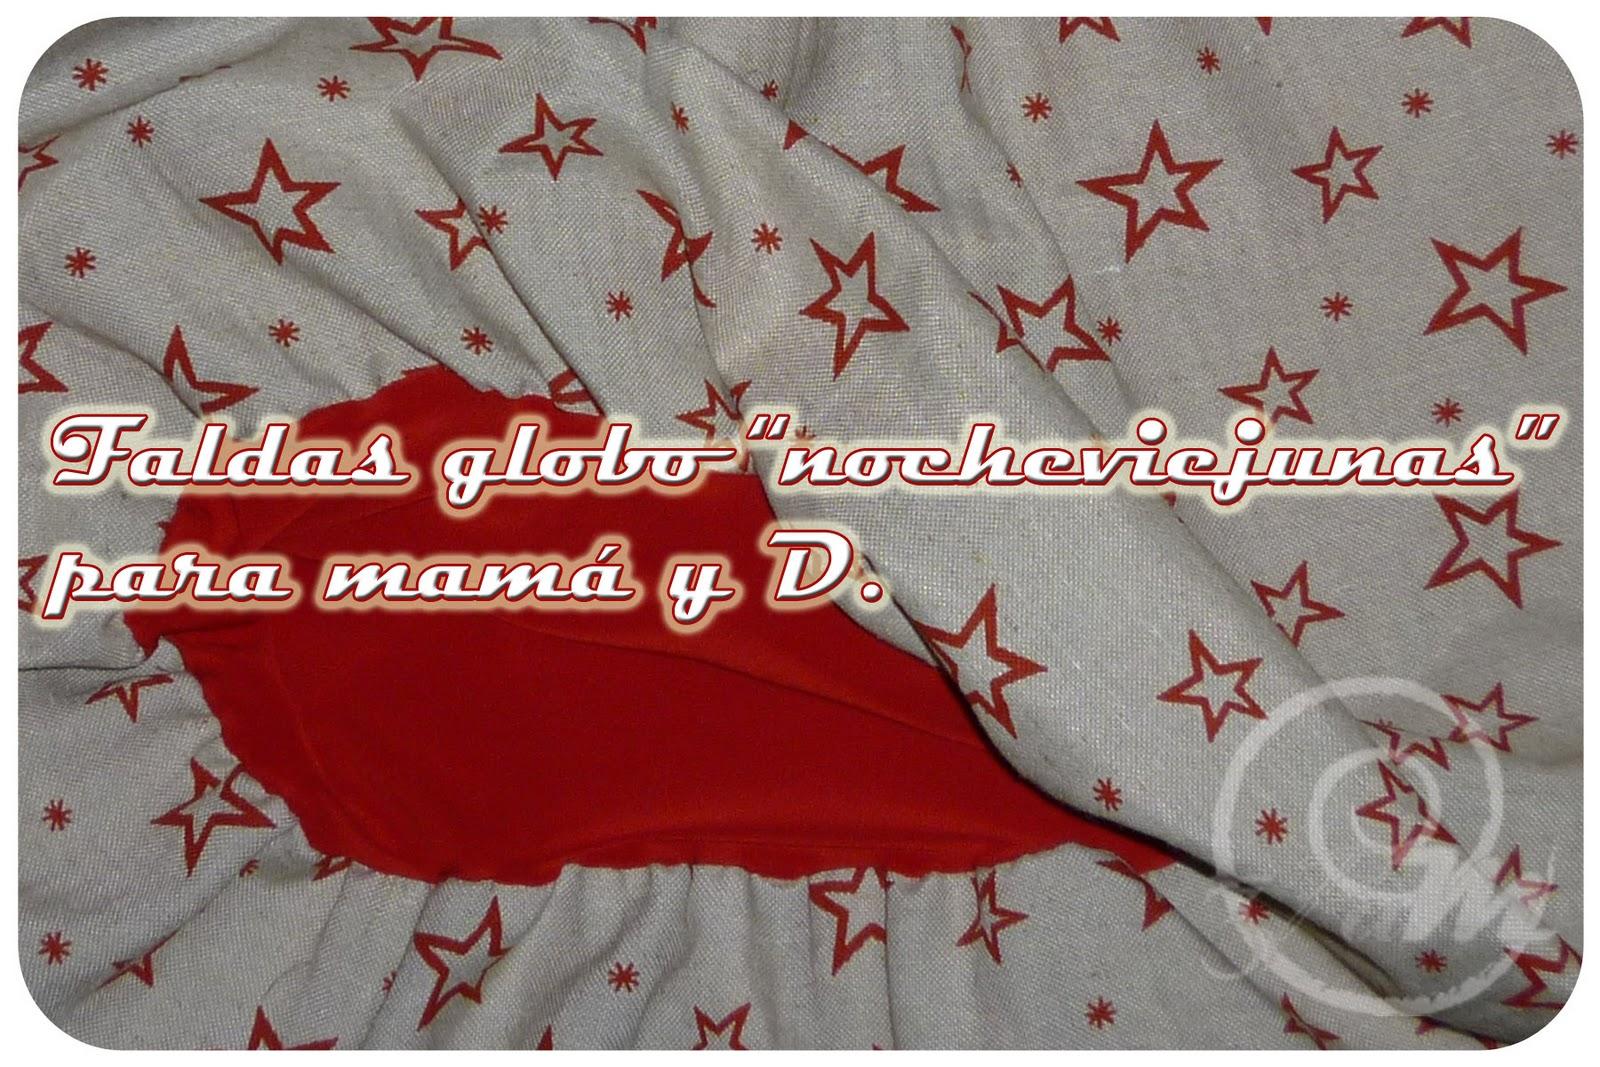 ced151150 Tes Pes al Miayo: Falda globo